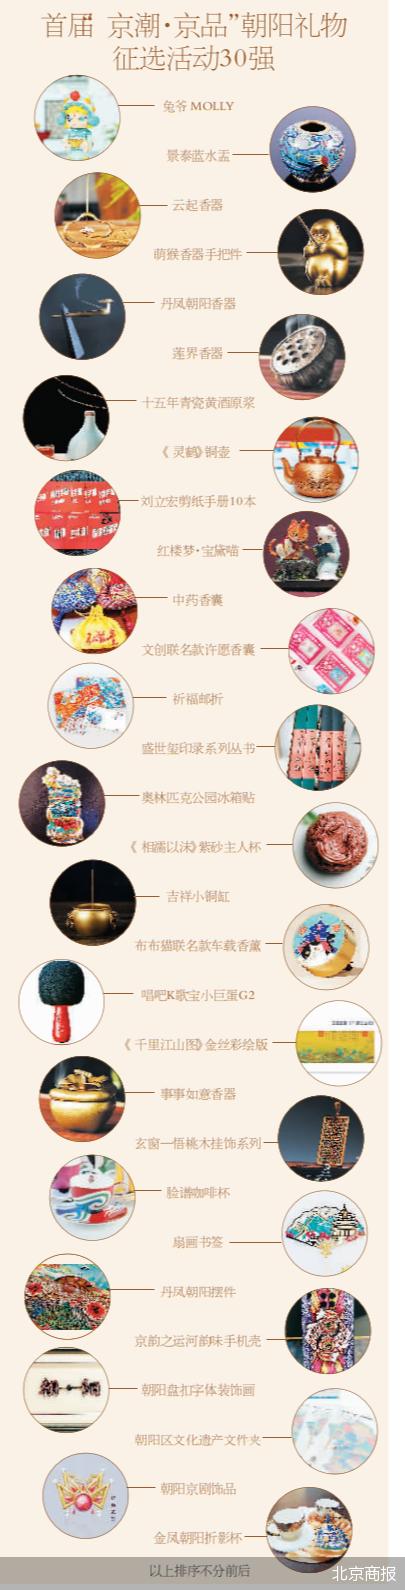 """首届""""京潮·京品""""朝阳礼物征选活动30强"""